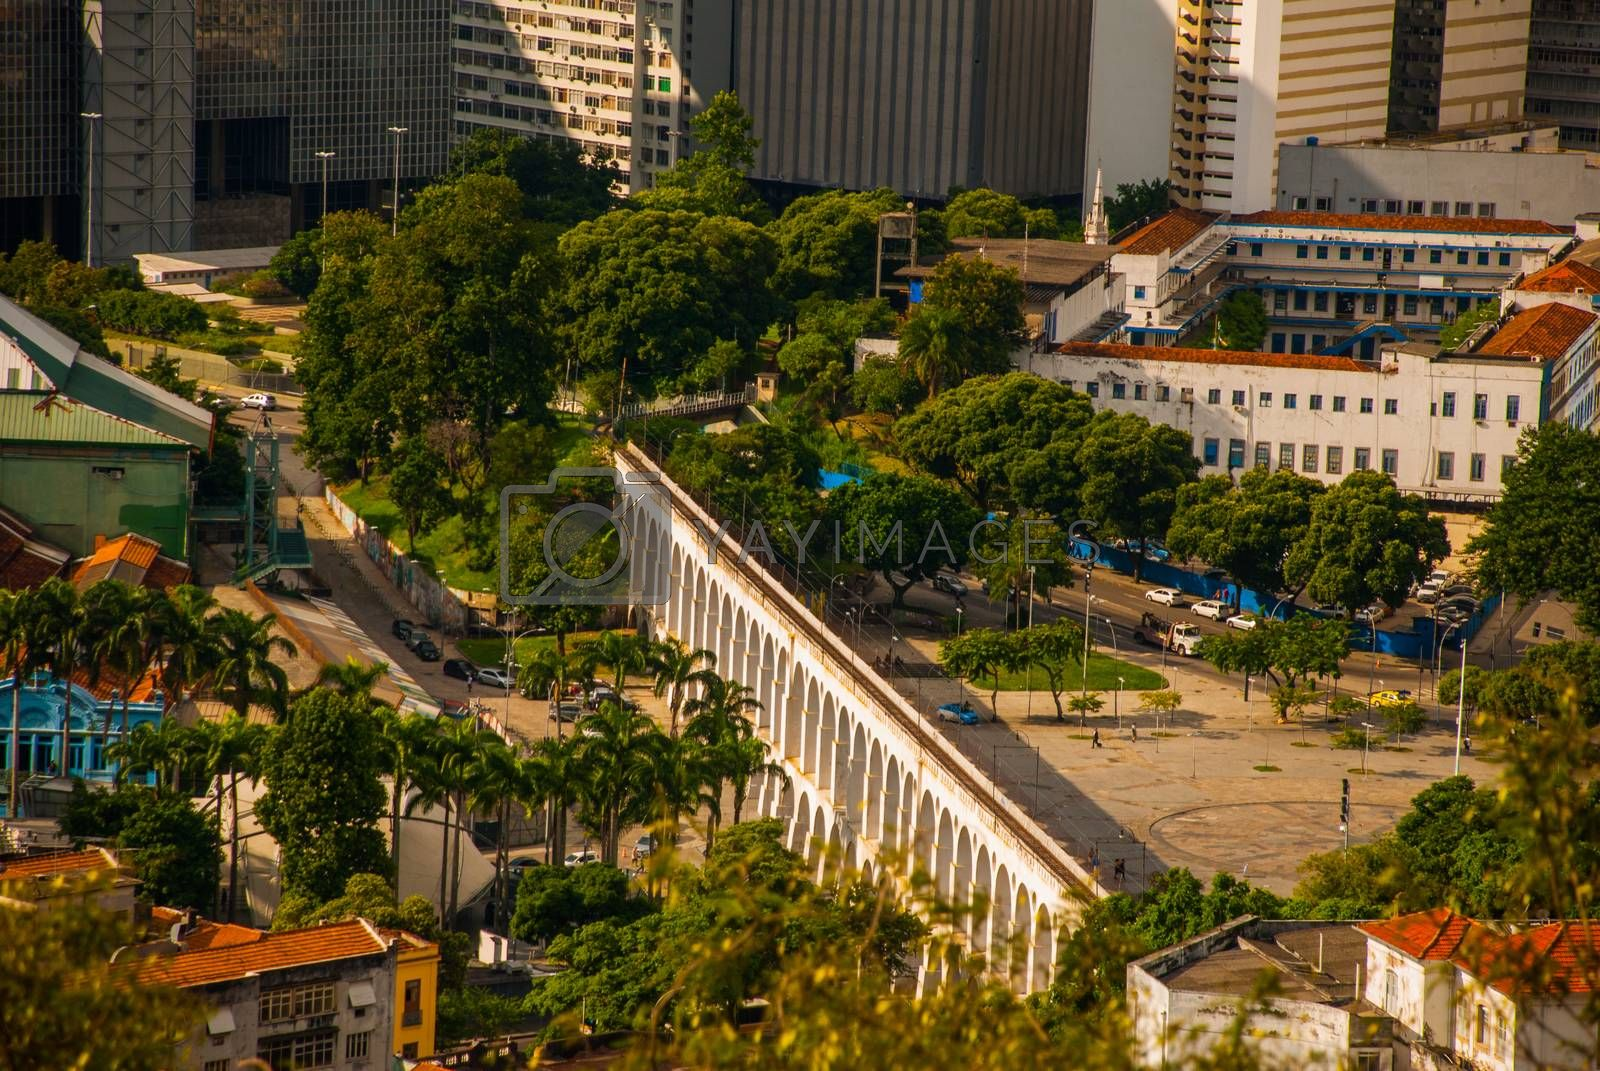 RIO DE JANEIRO, BRAZIL - APRIL 2019: Rio de Janeiro cityscape with the Carioca Aqueduct